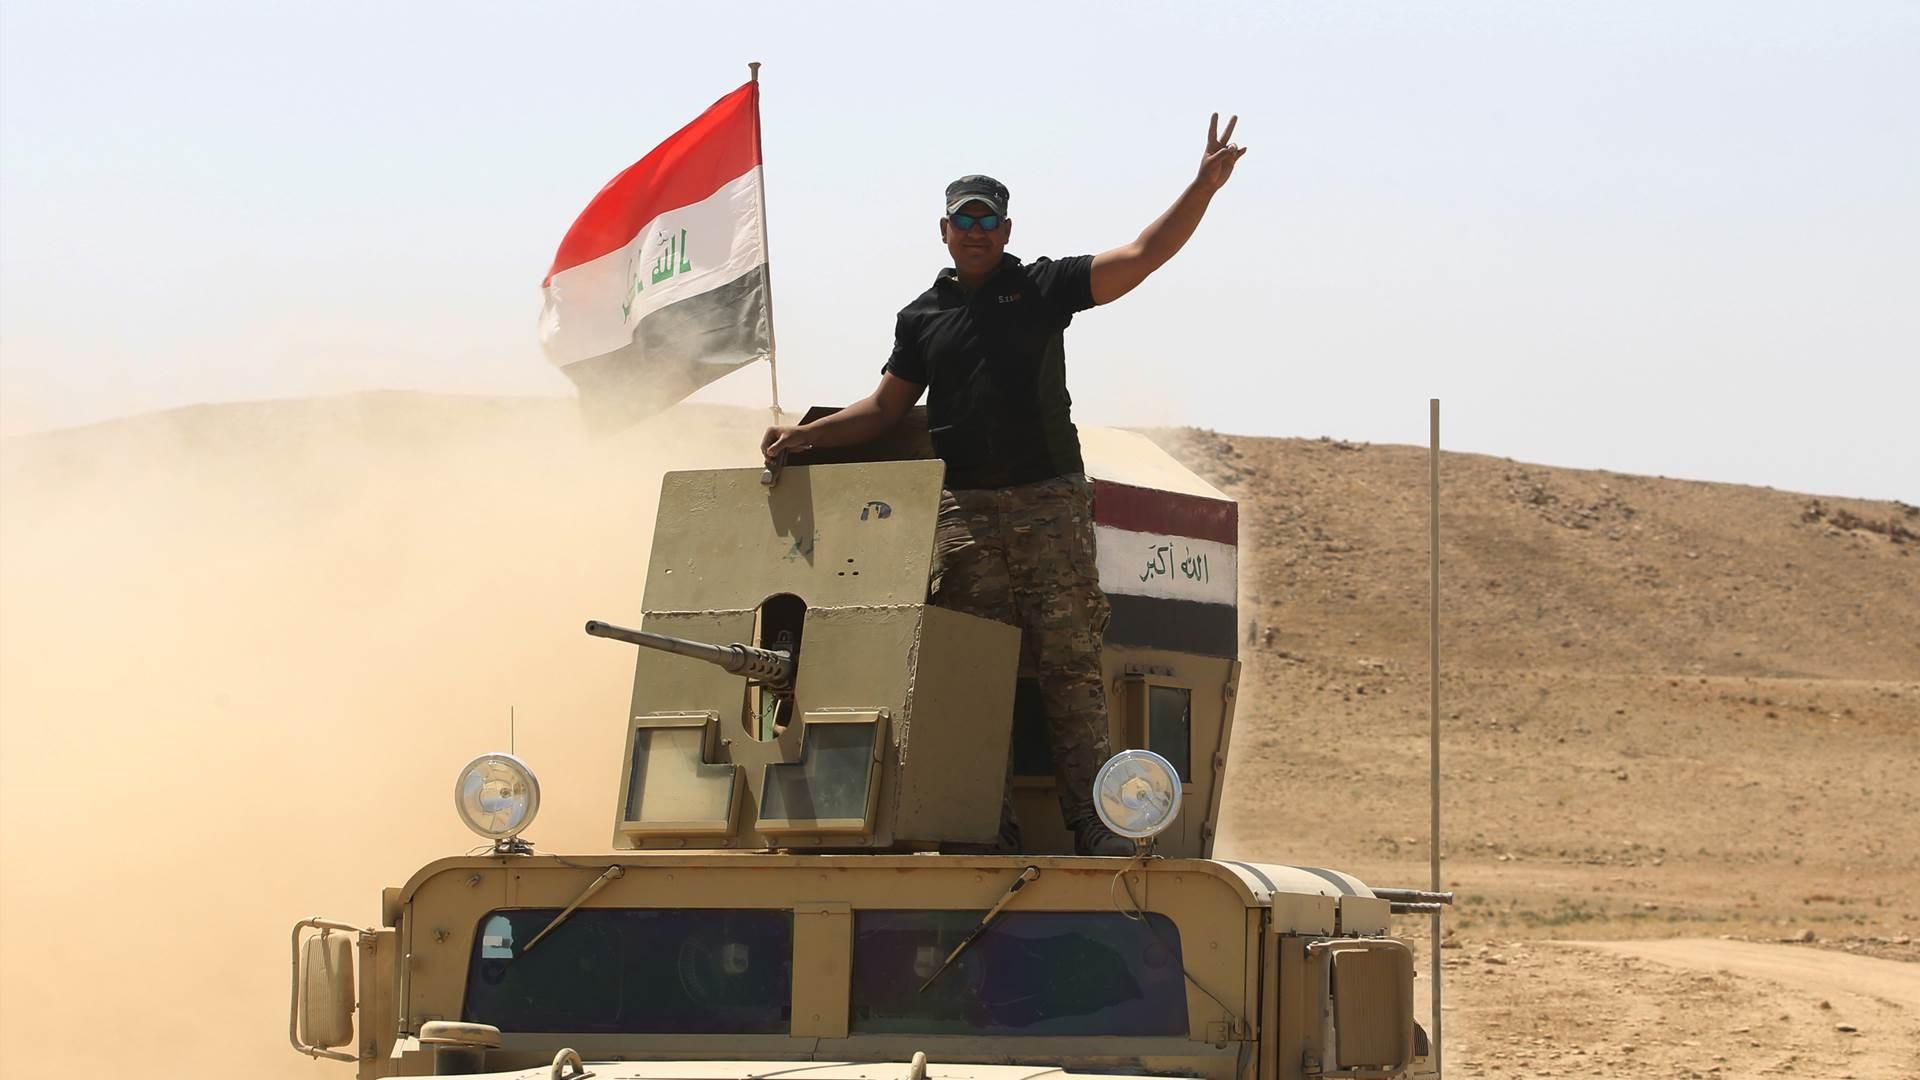 وجهت طائرات السوخوي العراقية ضربتين جويتين على هدفين في قاطع عمليات صلاح الدين